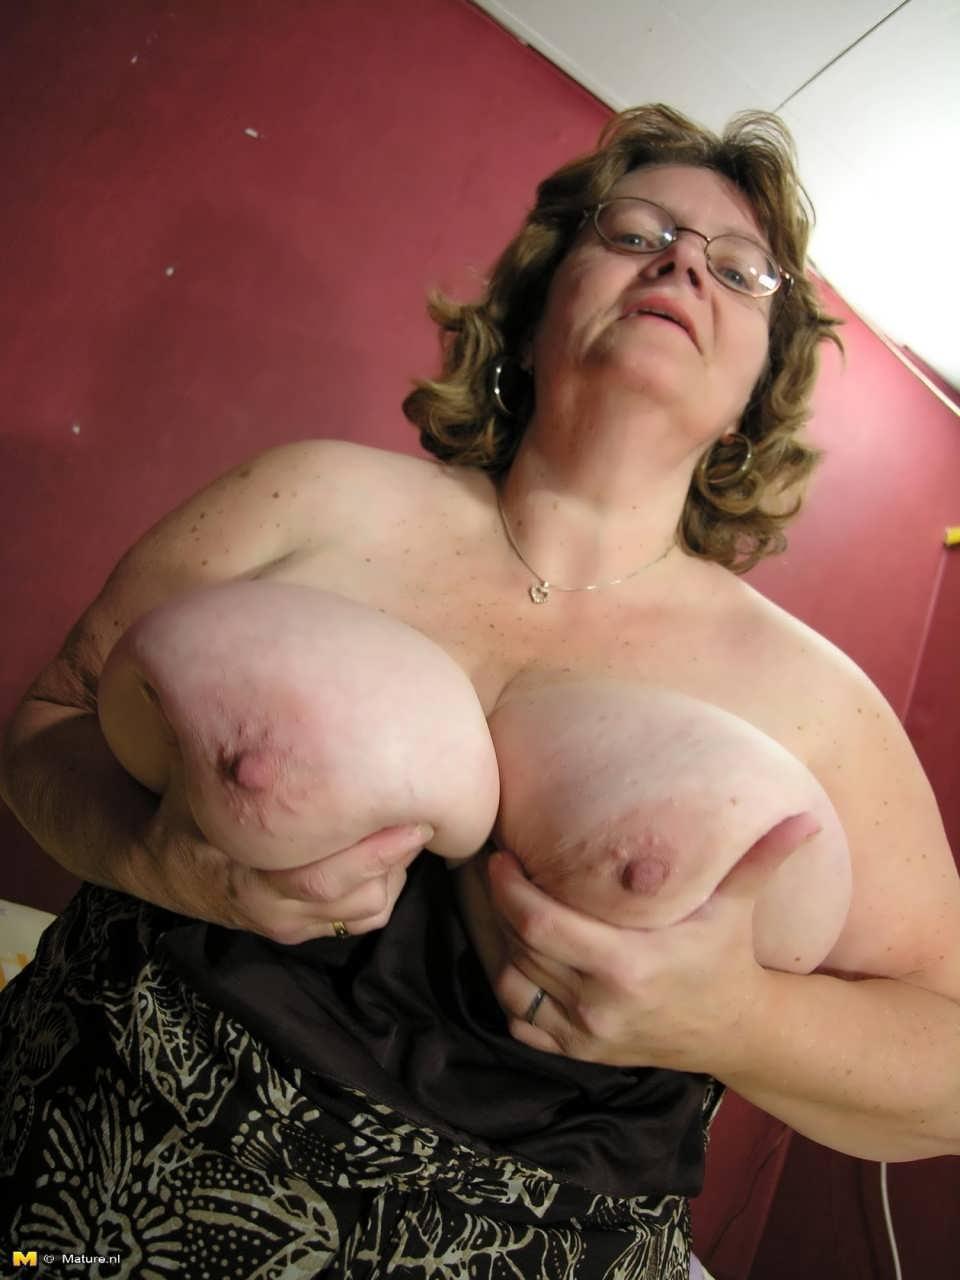 Развратная бабушка получила в жопу огромный член 9 фотография